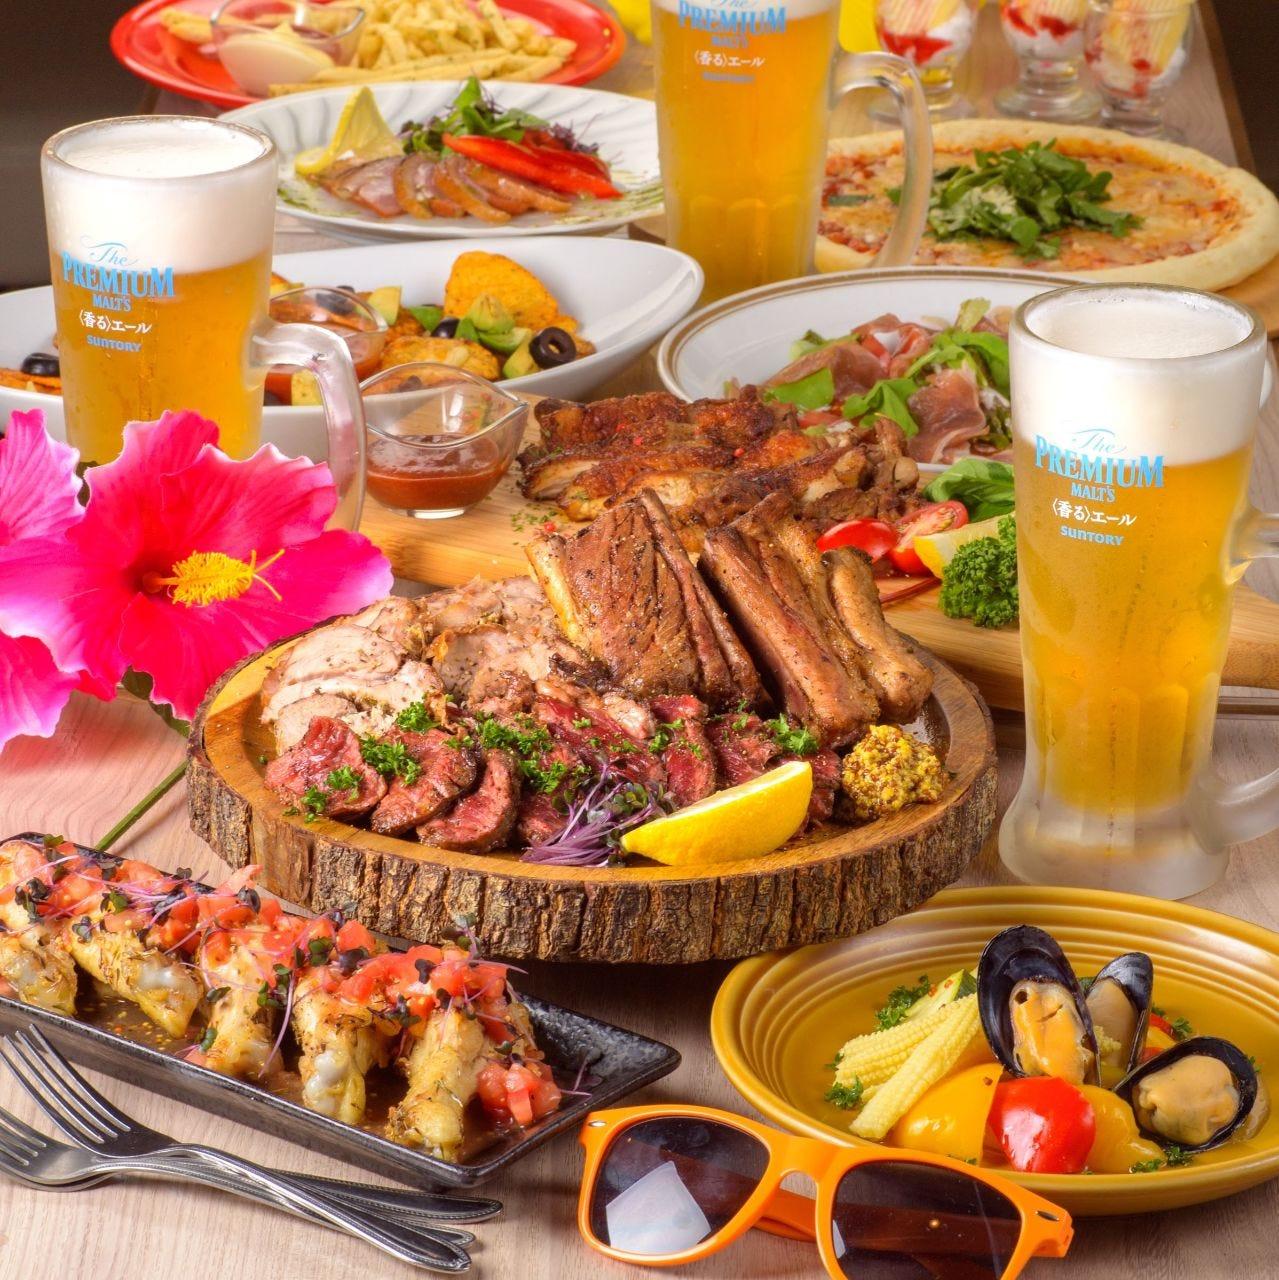 お肉&ドライエイジング食べ放題 ミートスタイルバル 仙台店